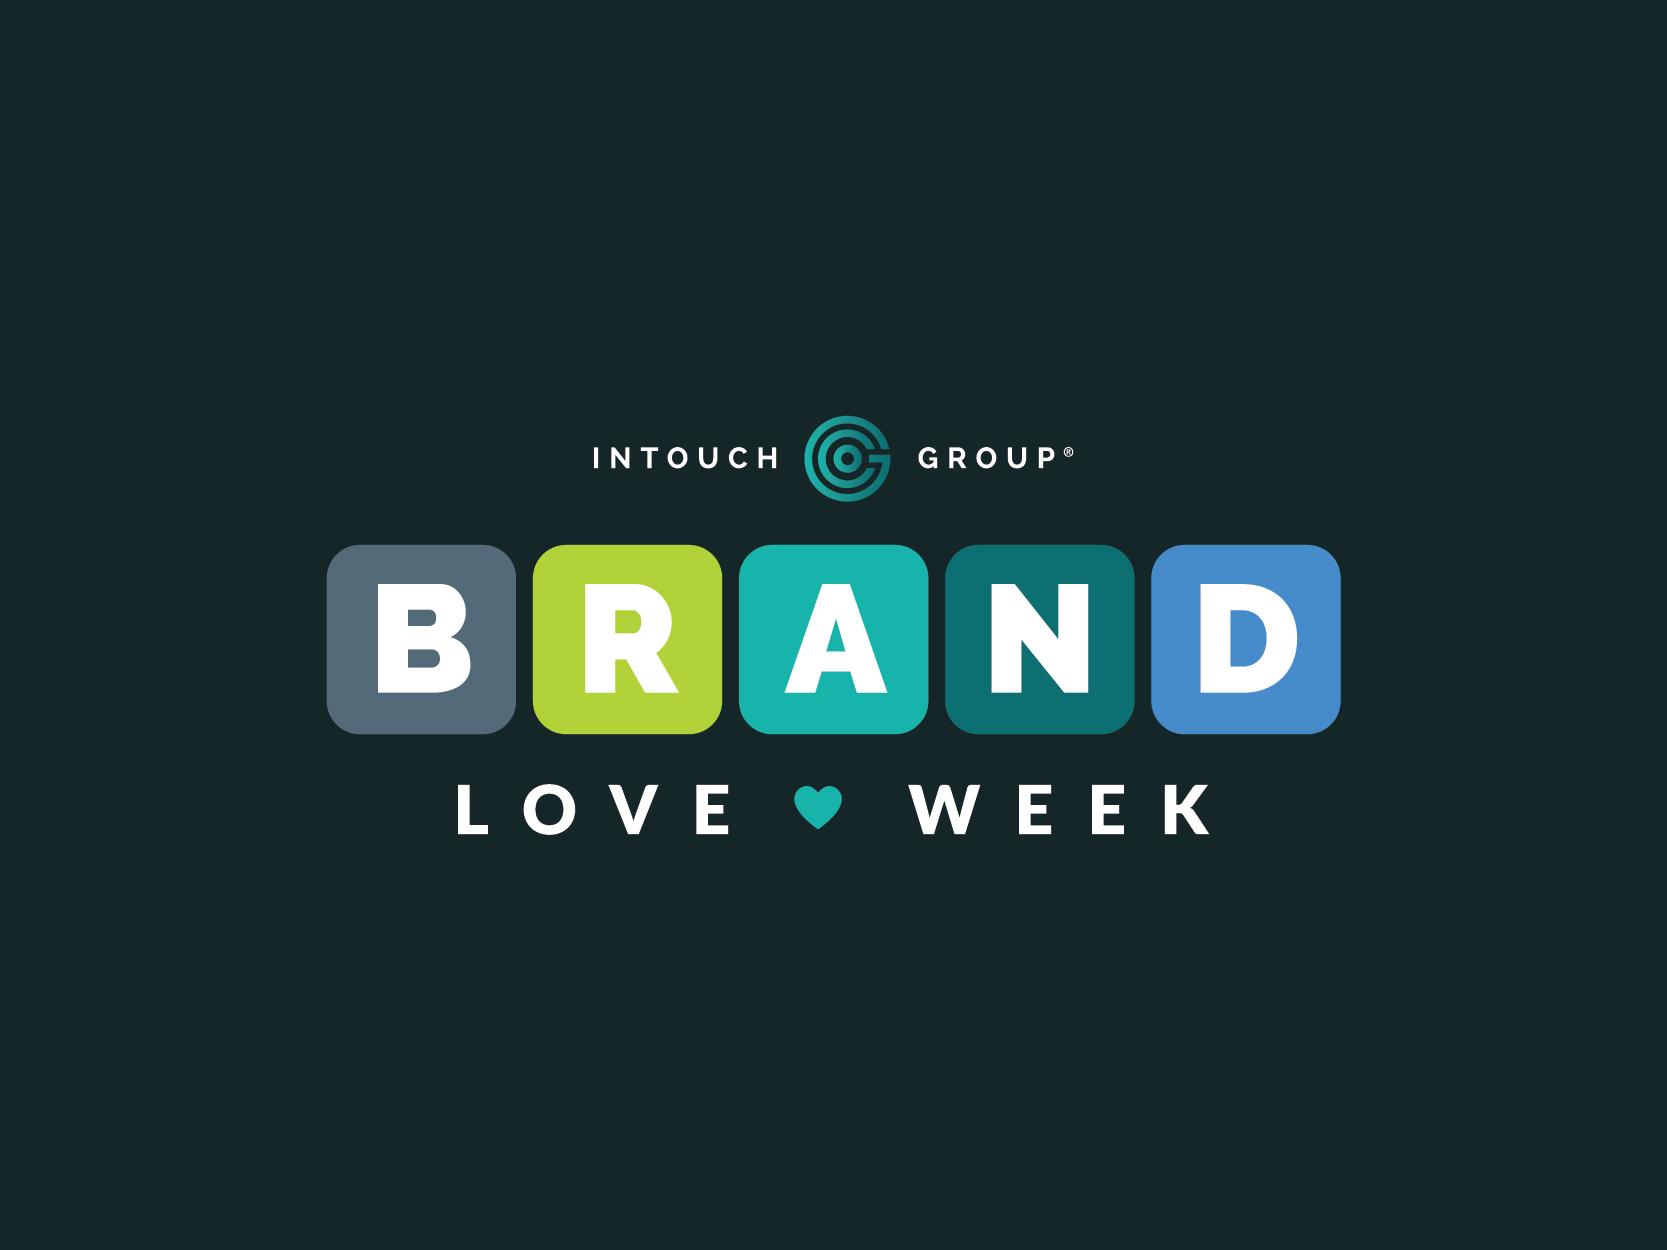 brand love week logo